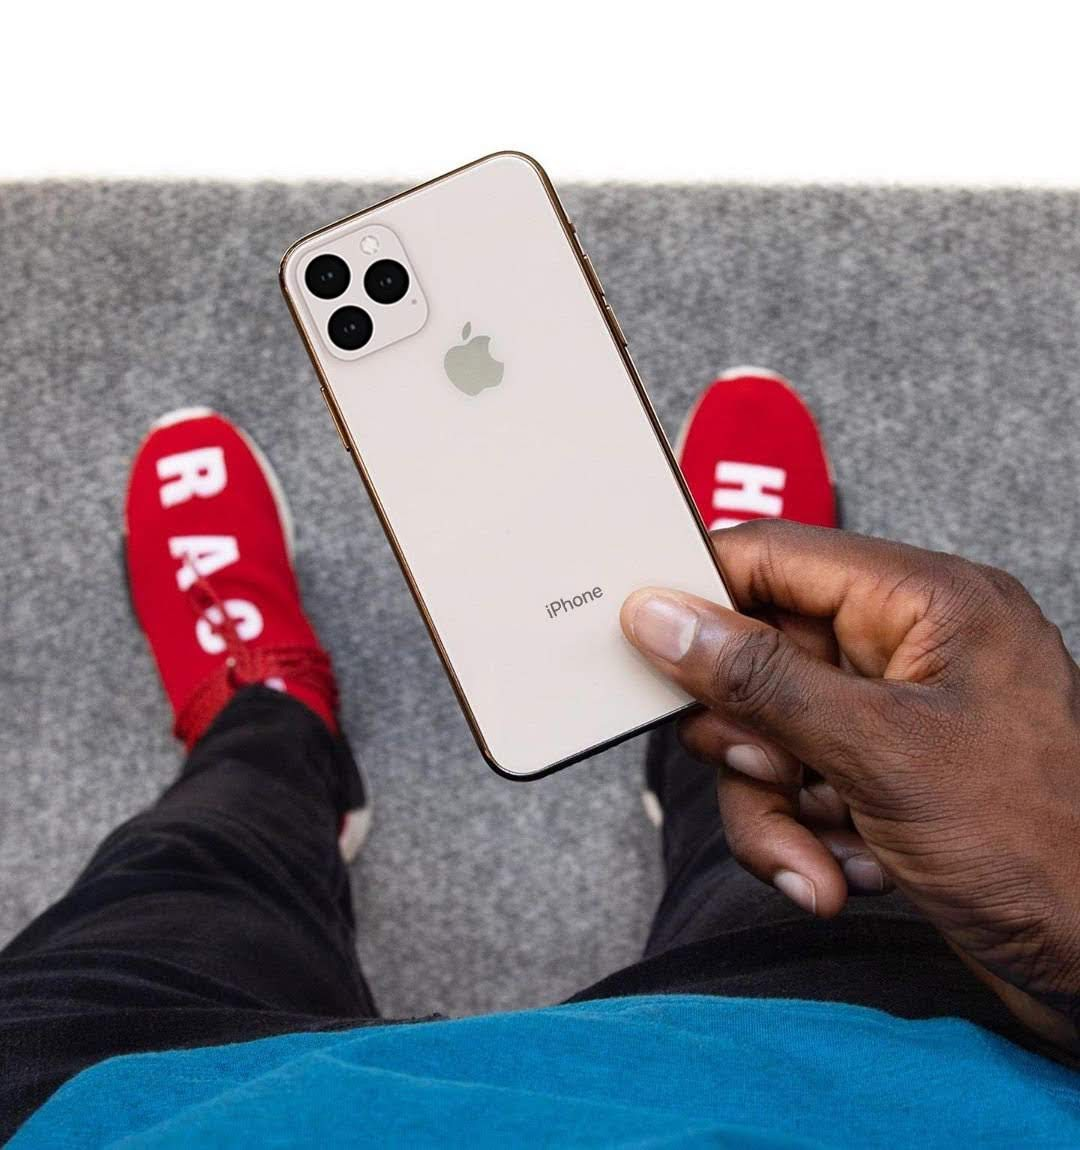 iPhone XI(2019)ダミーモデルのハンズオン動画と正確とされる予想デザインとの比較の画像